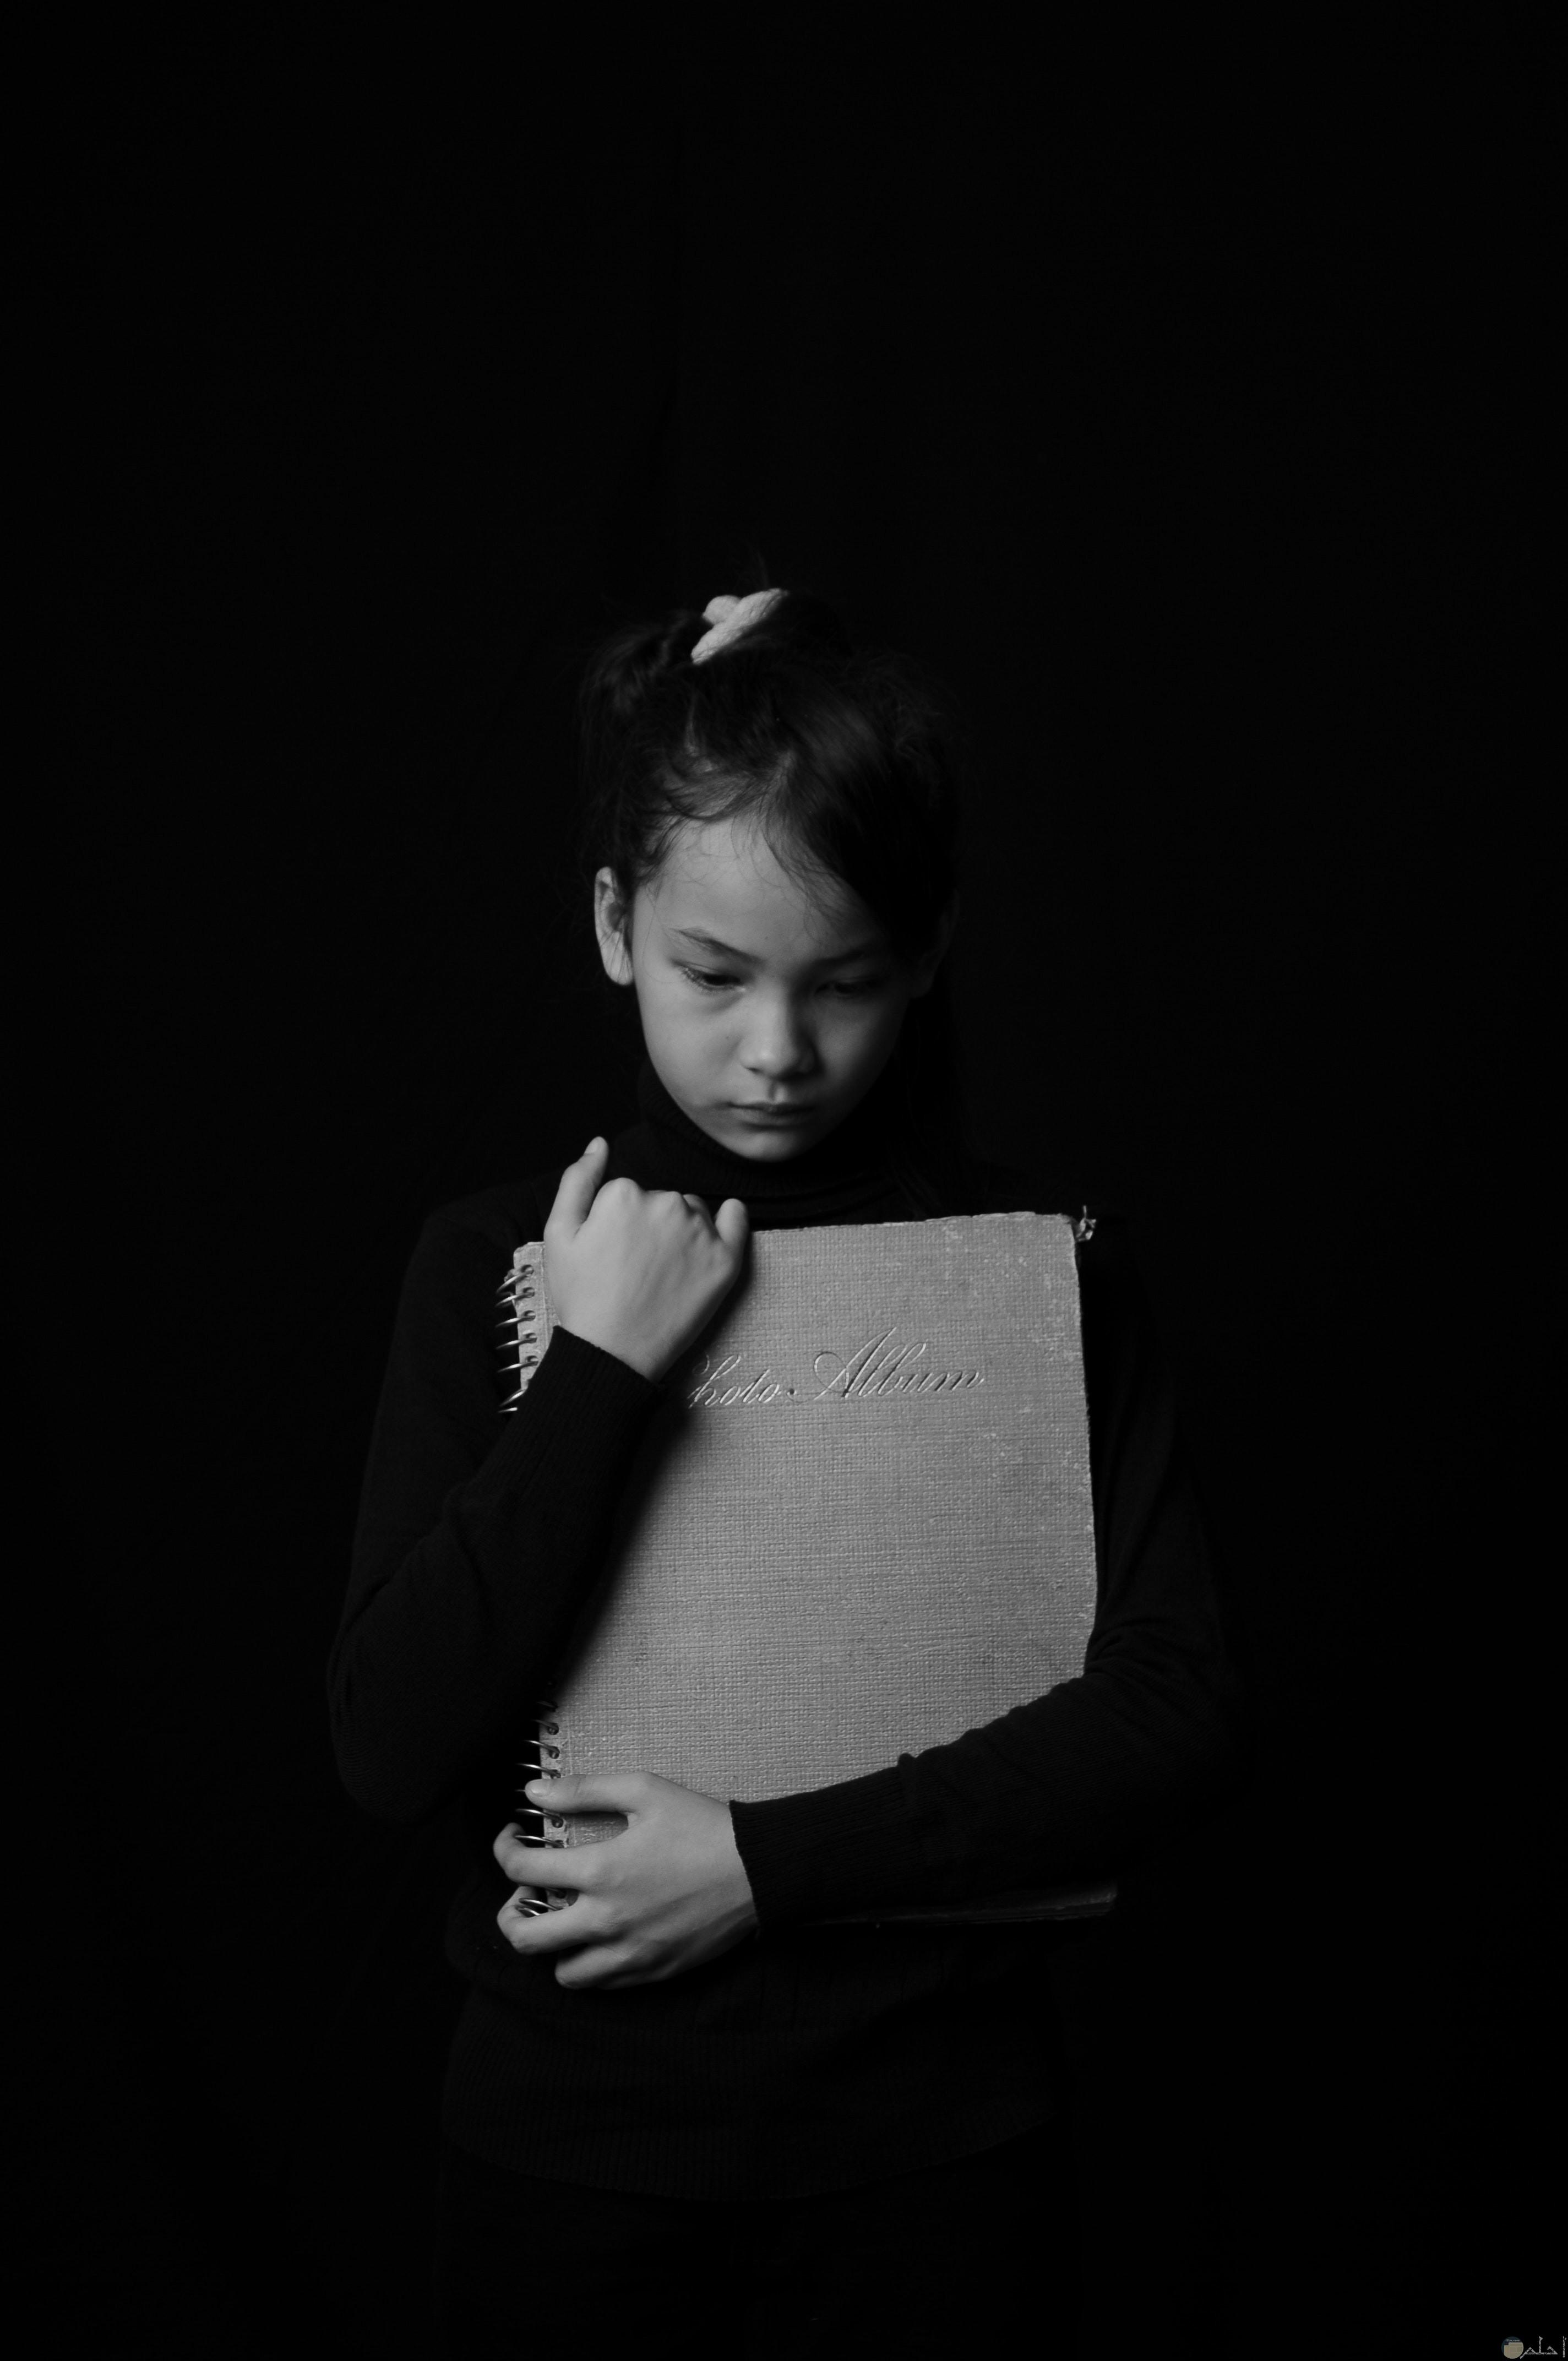 صورة طفلة حزينة تمسك بالكتب